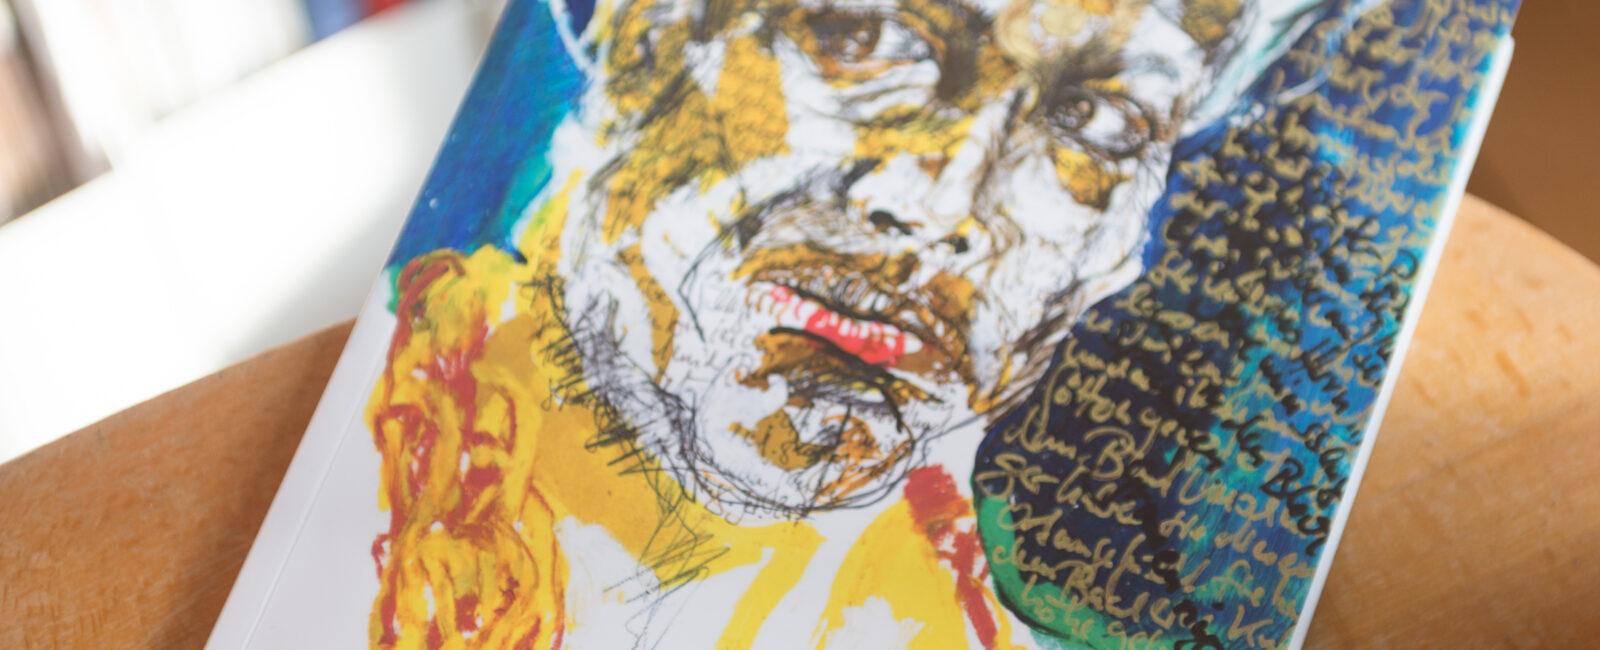 Ausstellungskatalog angeschaut Detailaufnahmen